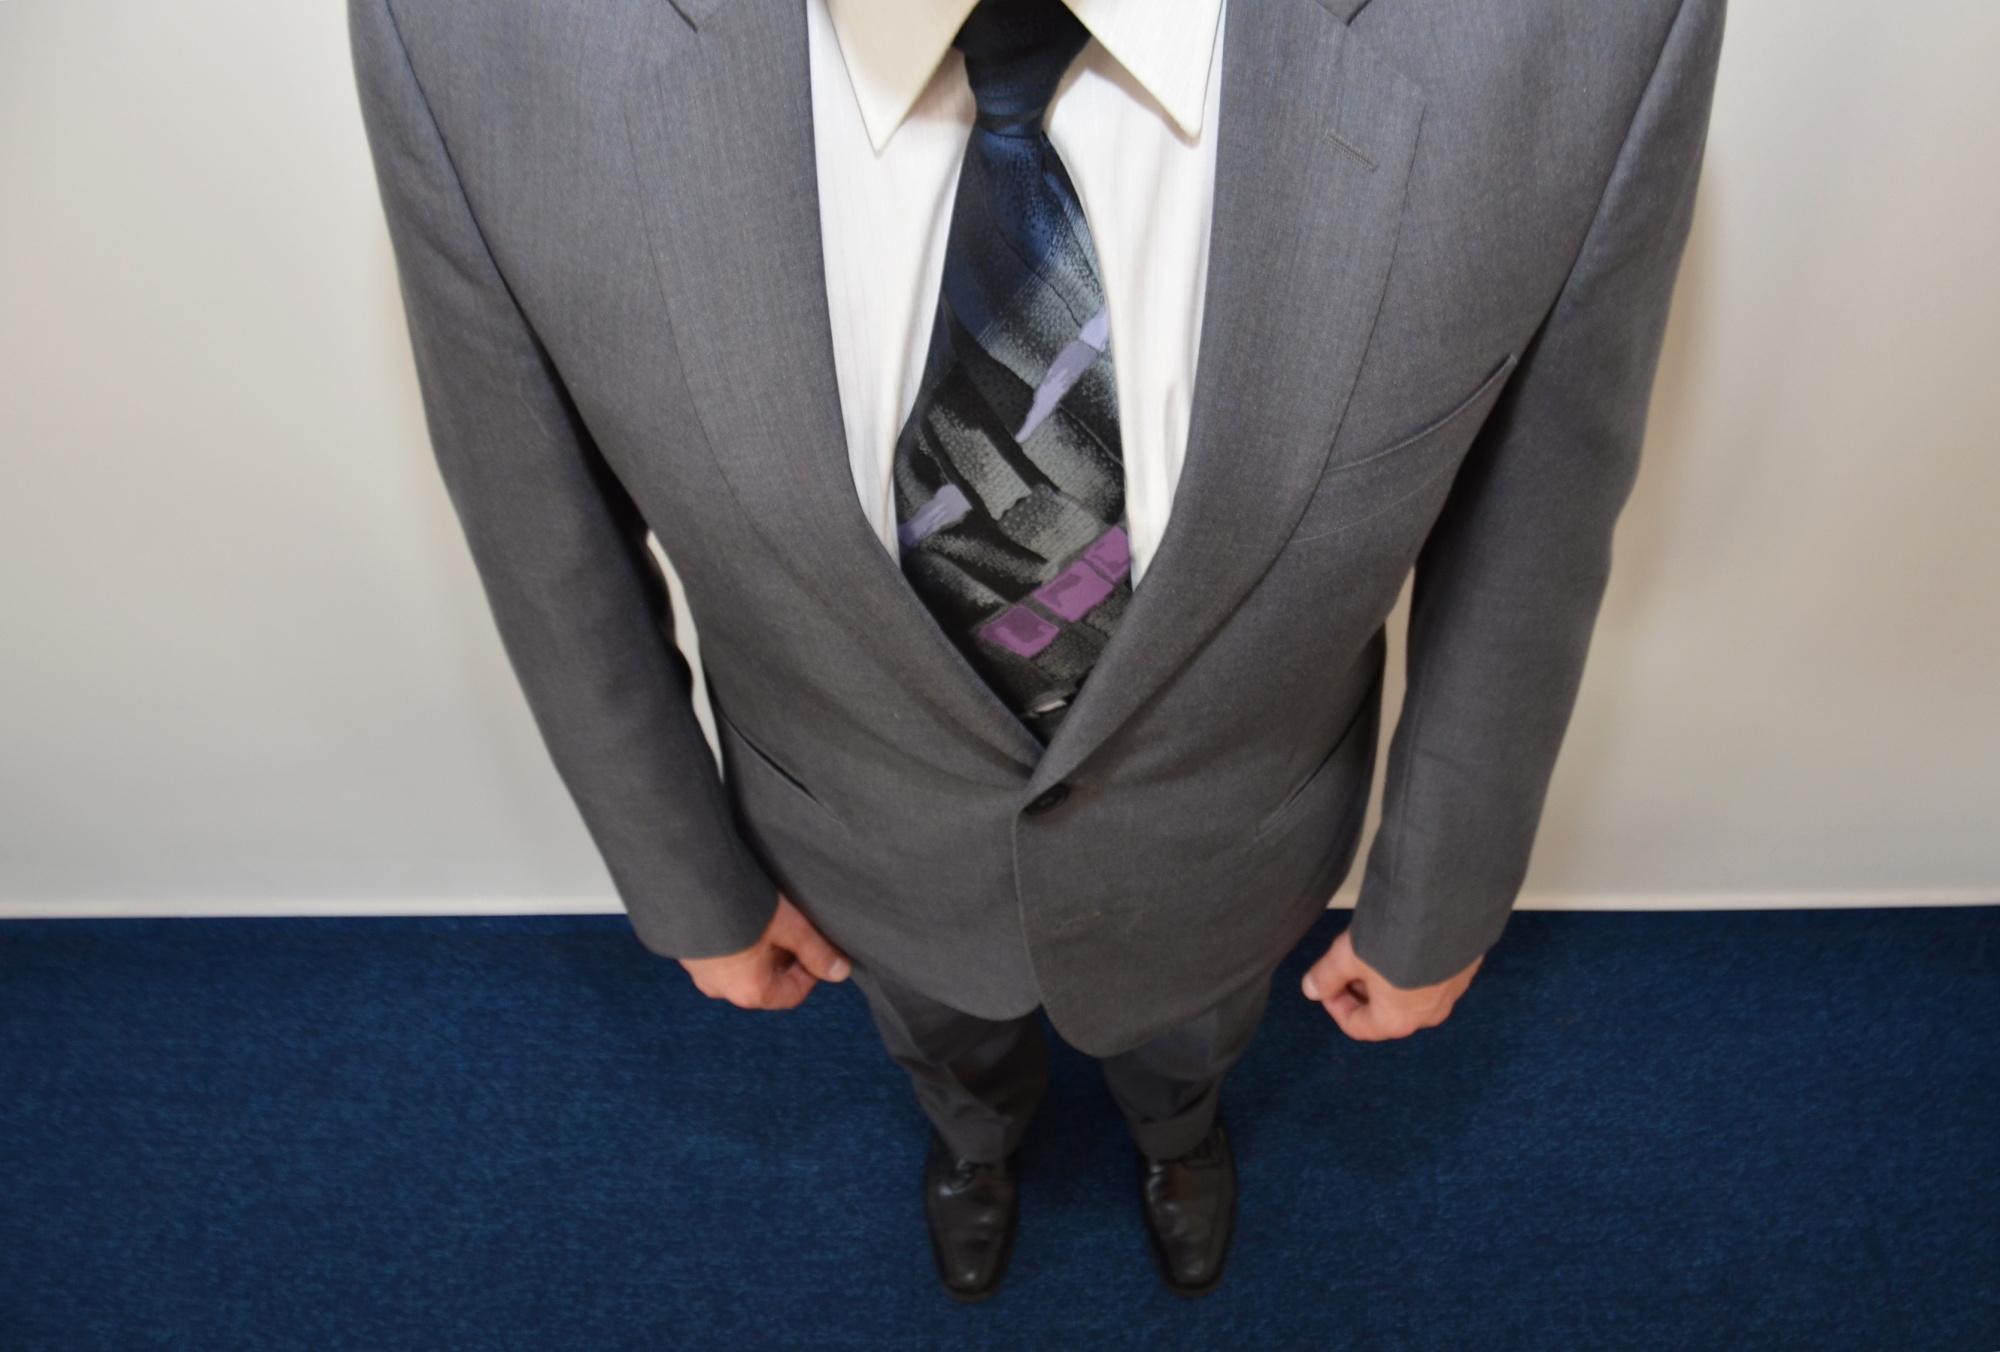 podnikatel, manažer, byznysmen, společenské oblečení, dress code, oblek, kravata (ilustrační foto)